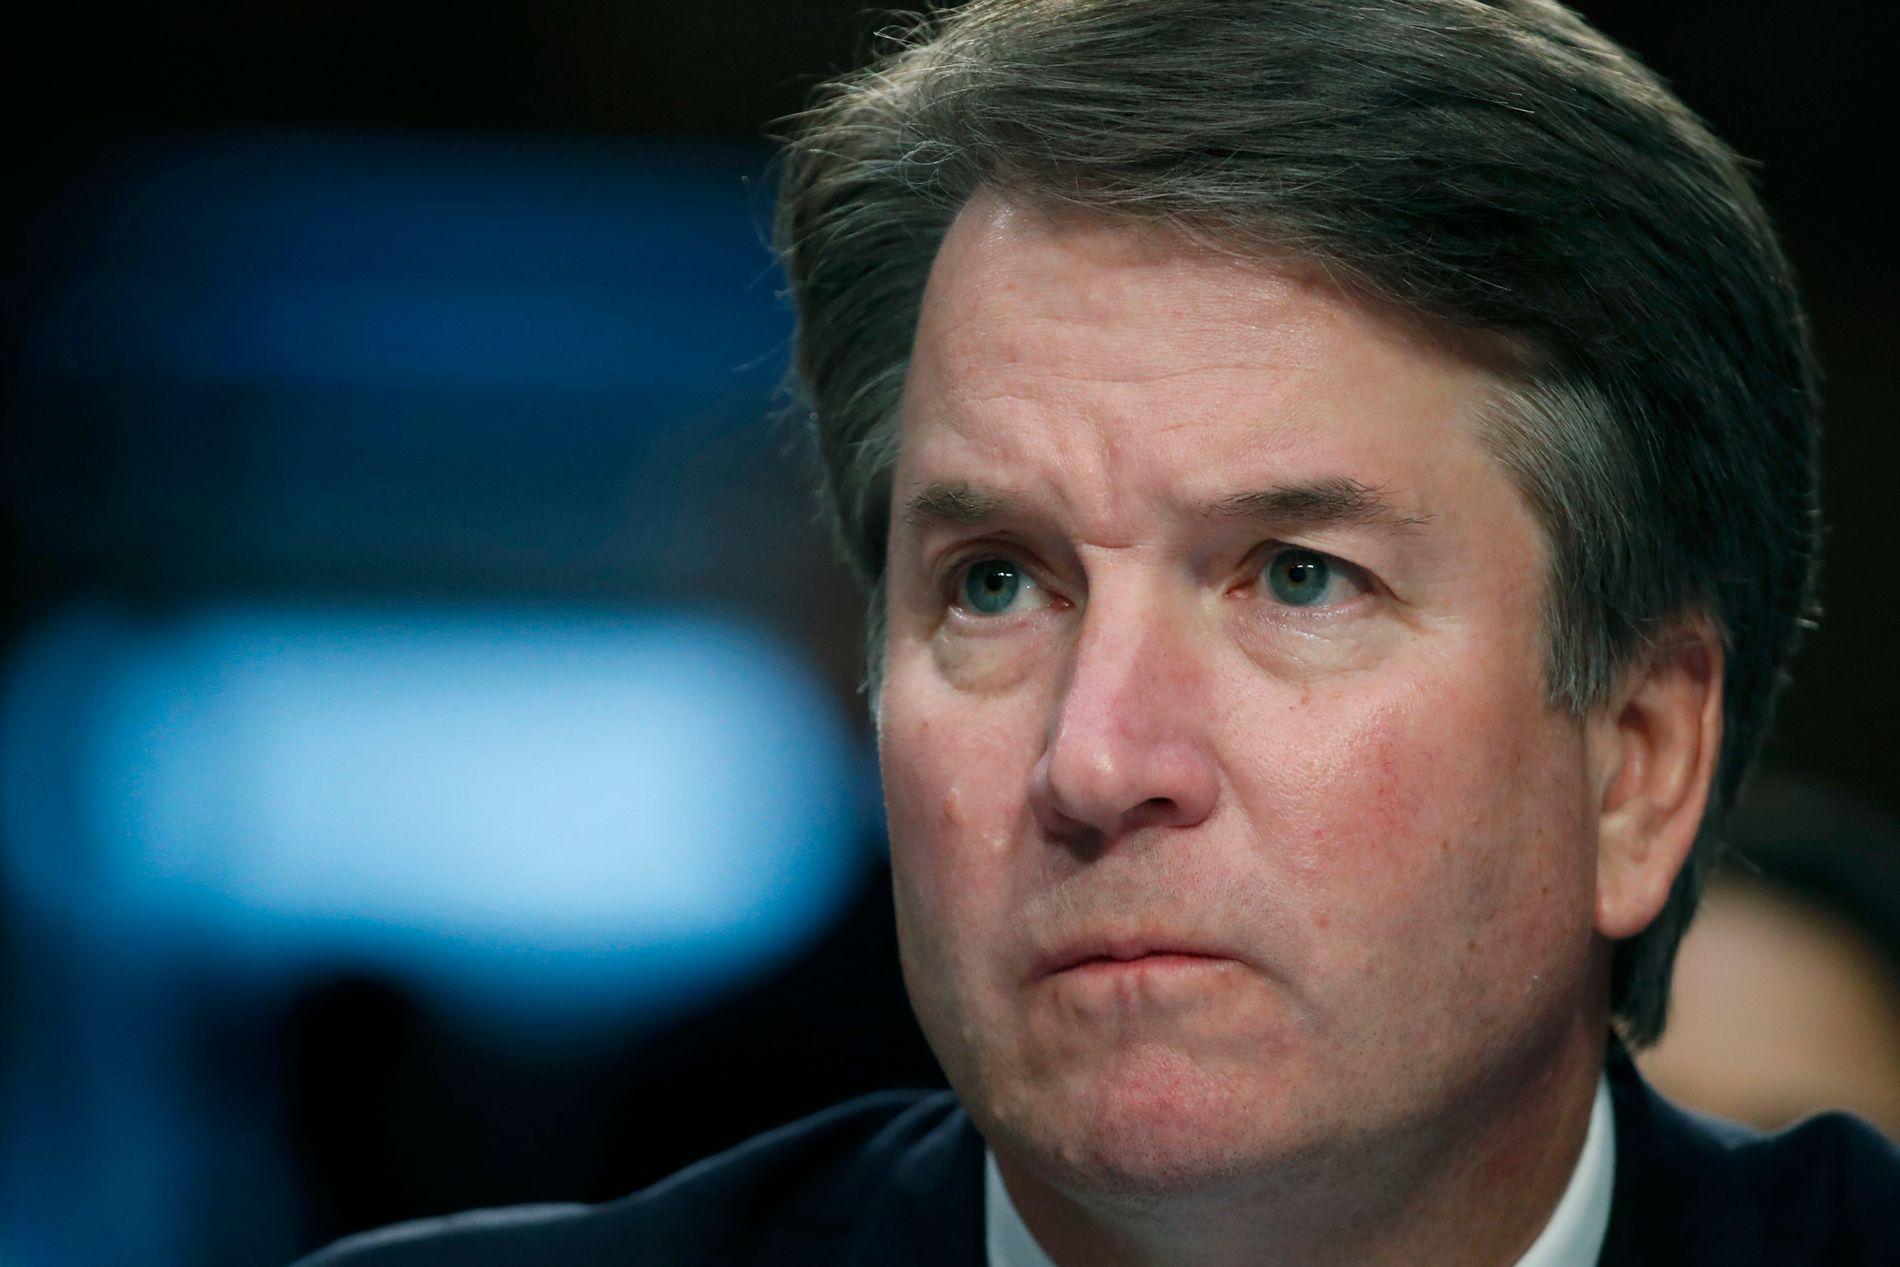 Brett Kavanaugh er kommet i hardt vær etter at han ble anklaget for seksuelle overgrep da han var ung. Foto: Alex Brandon / AP / NTB scanpix